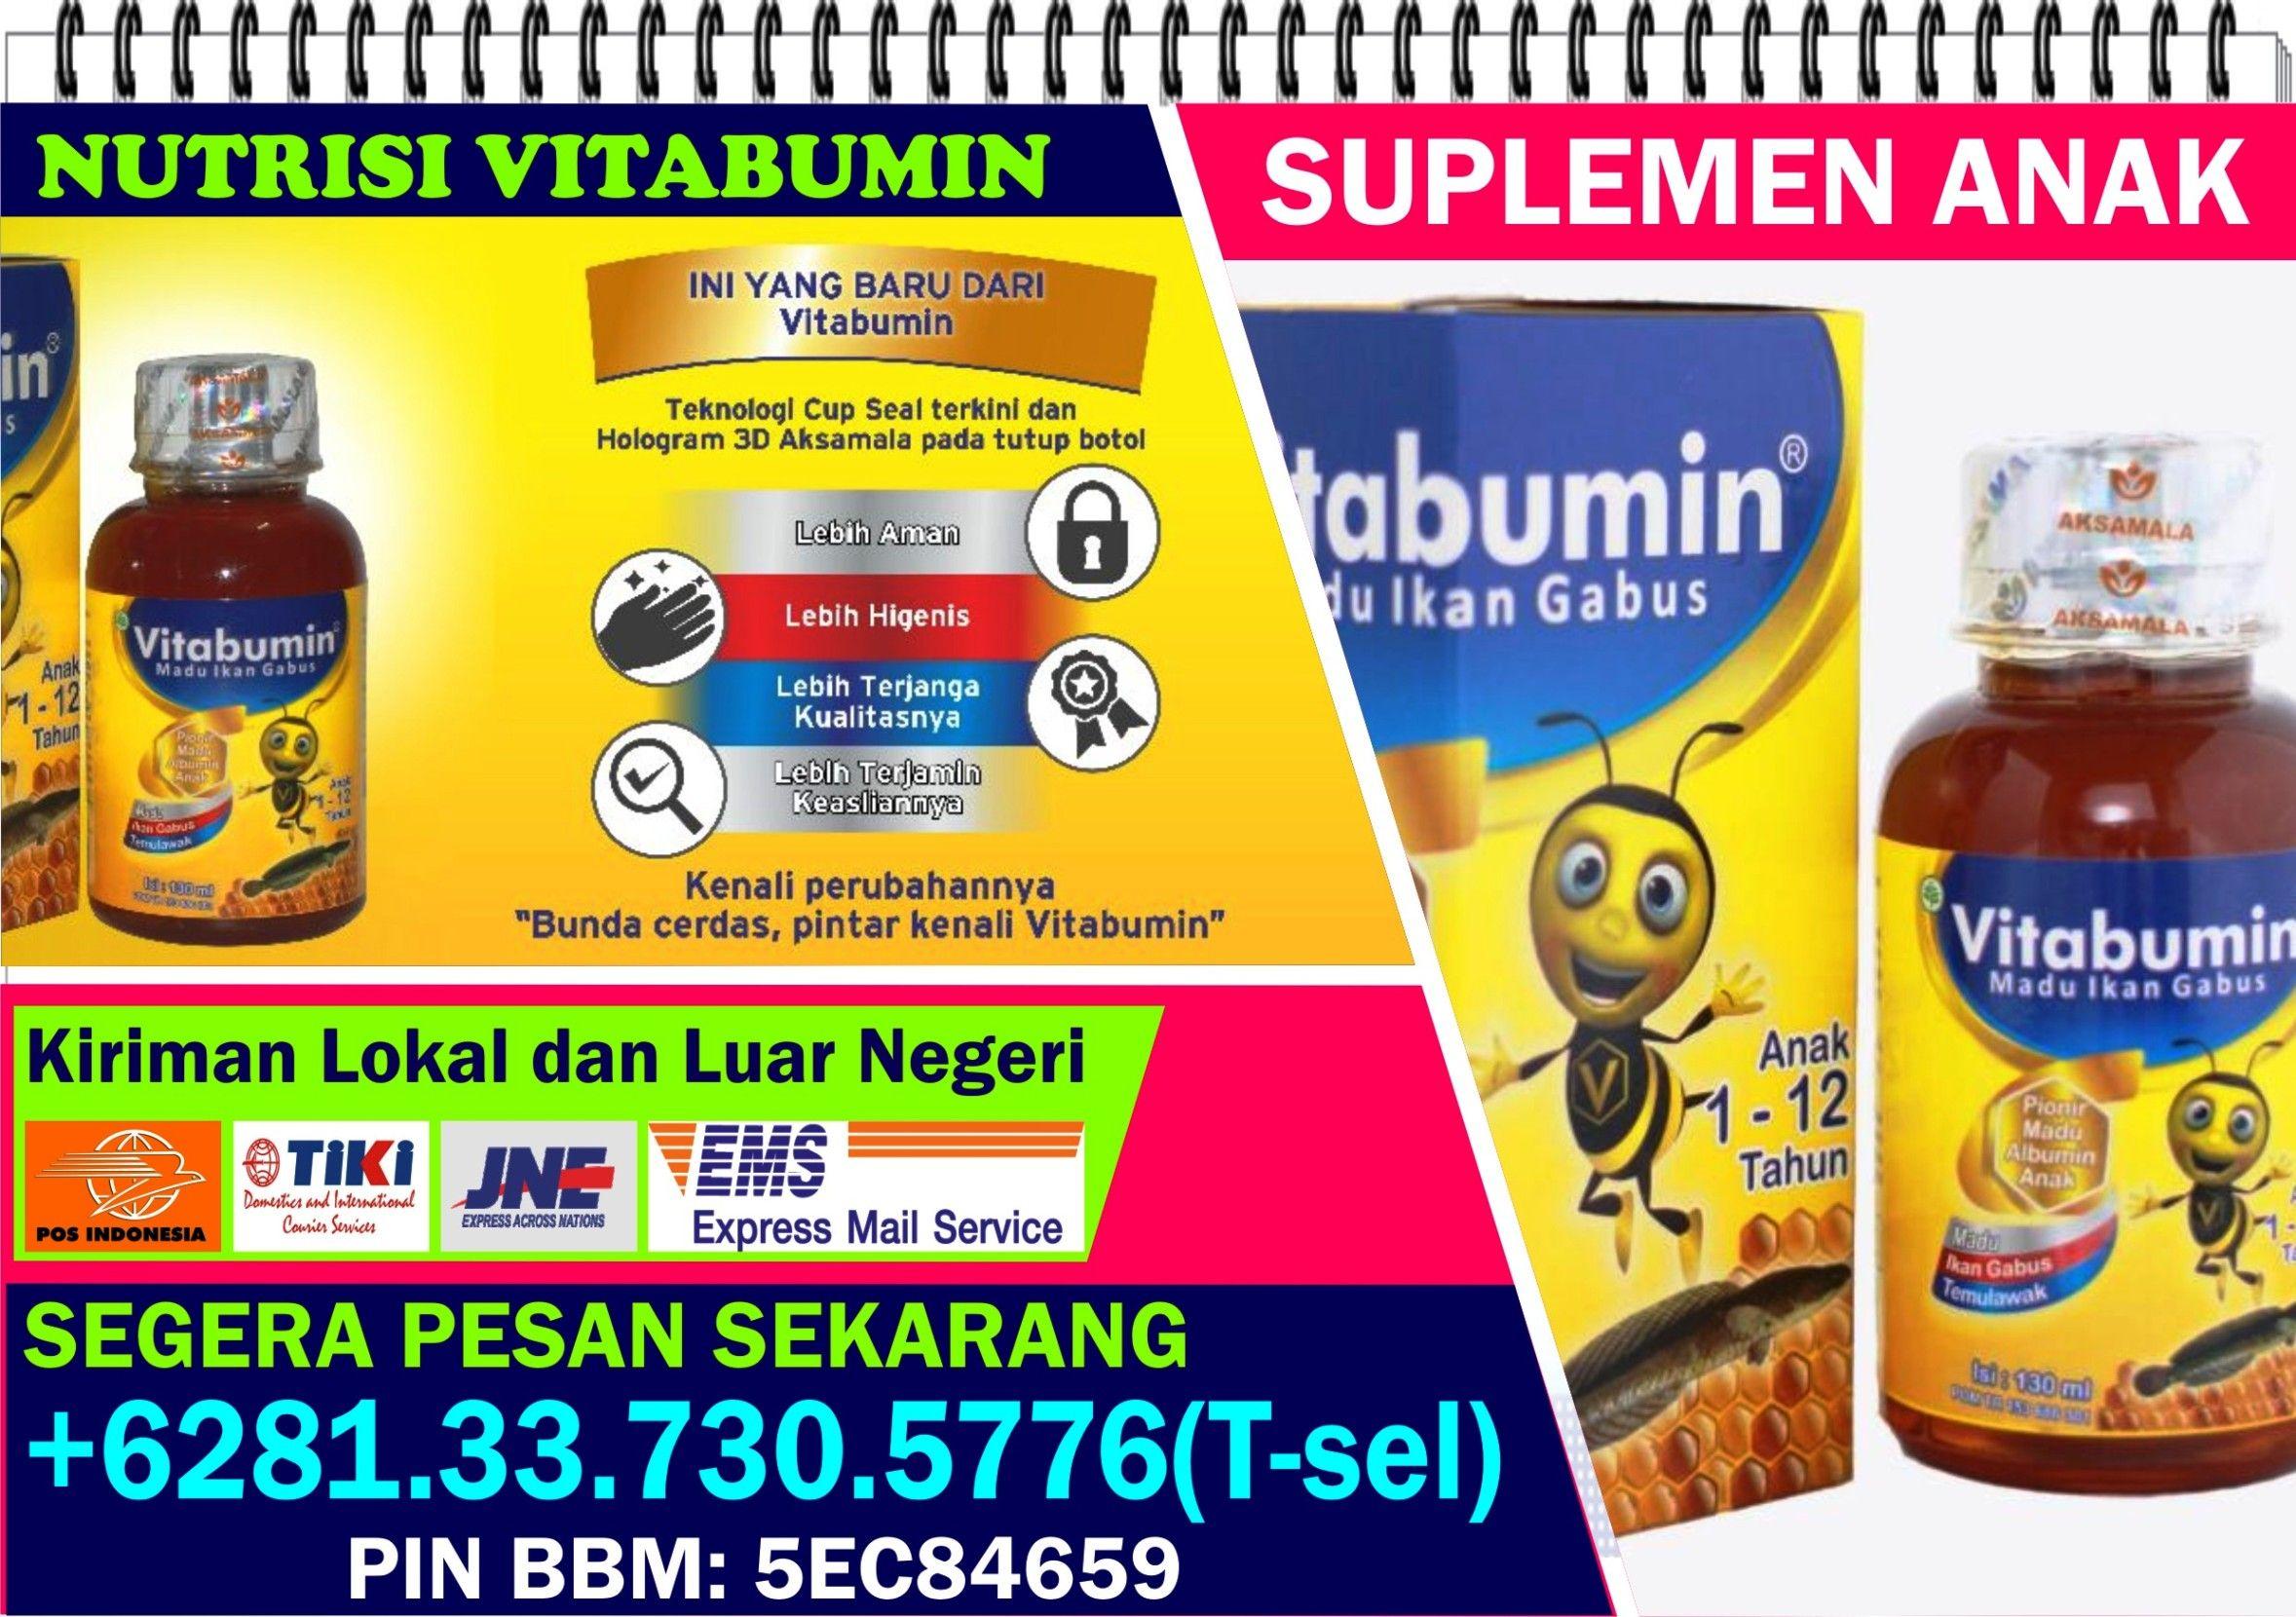 Vitabumin Madu Anak Daftar Harga Terbaru Dan Terupdate Indonesia Plus Minyak Ikan Asli Suplemen Makanan Vitamin Jual Surabaya